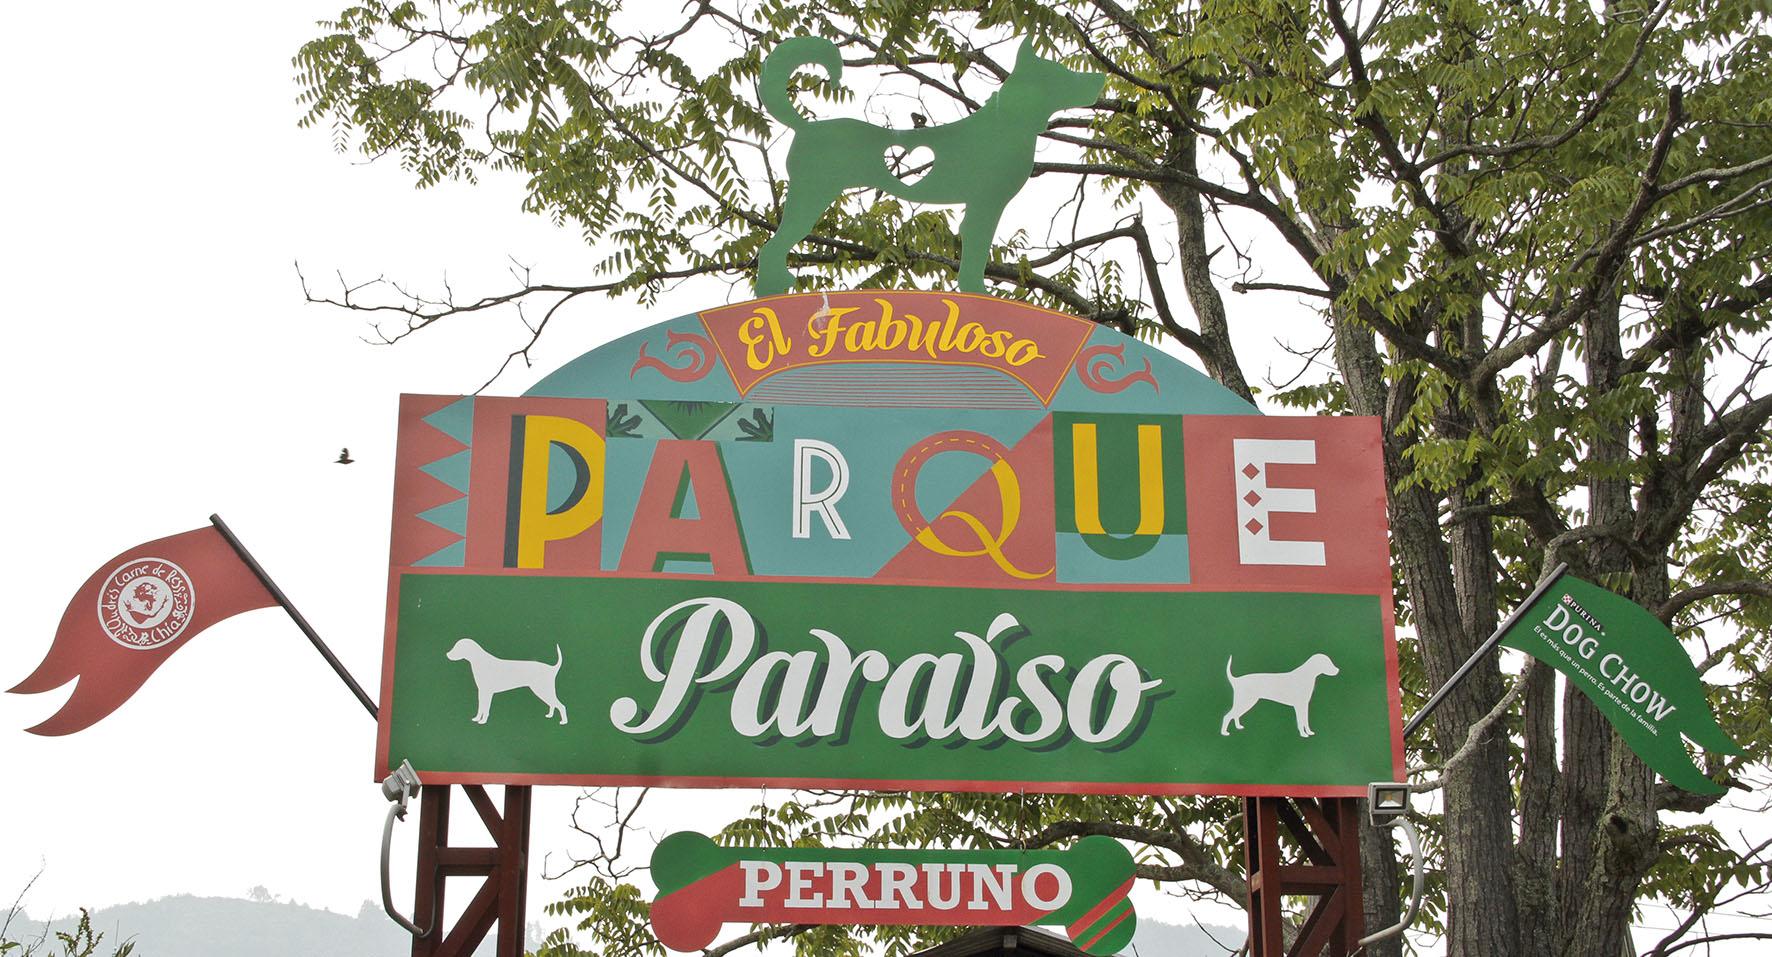 Parque Paraíso Perruno